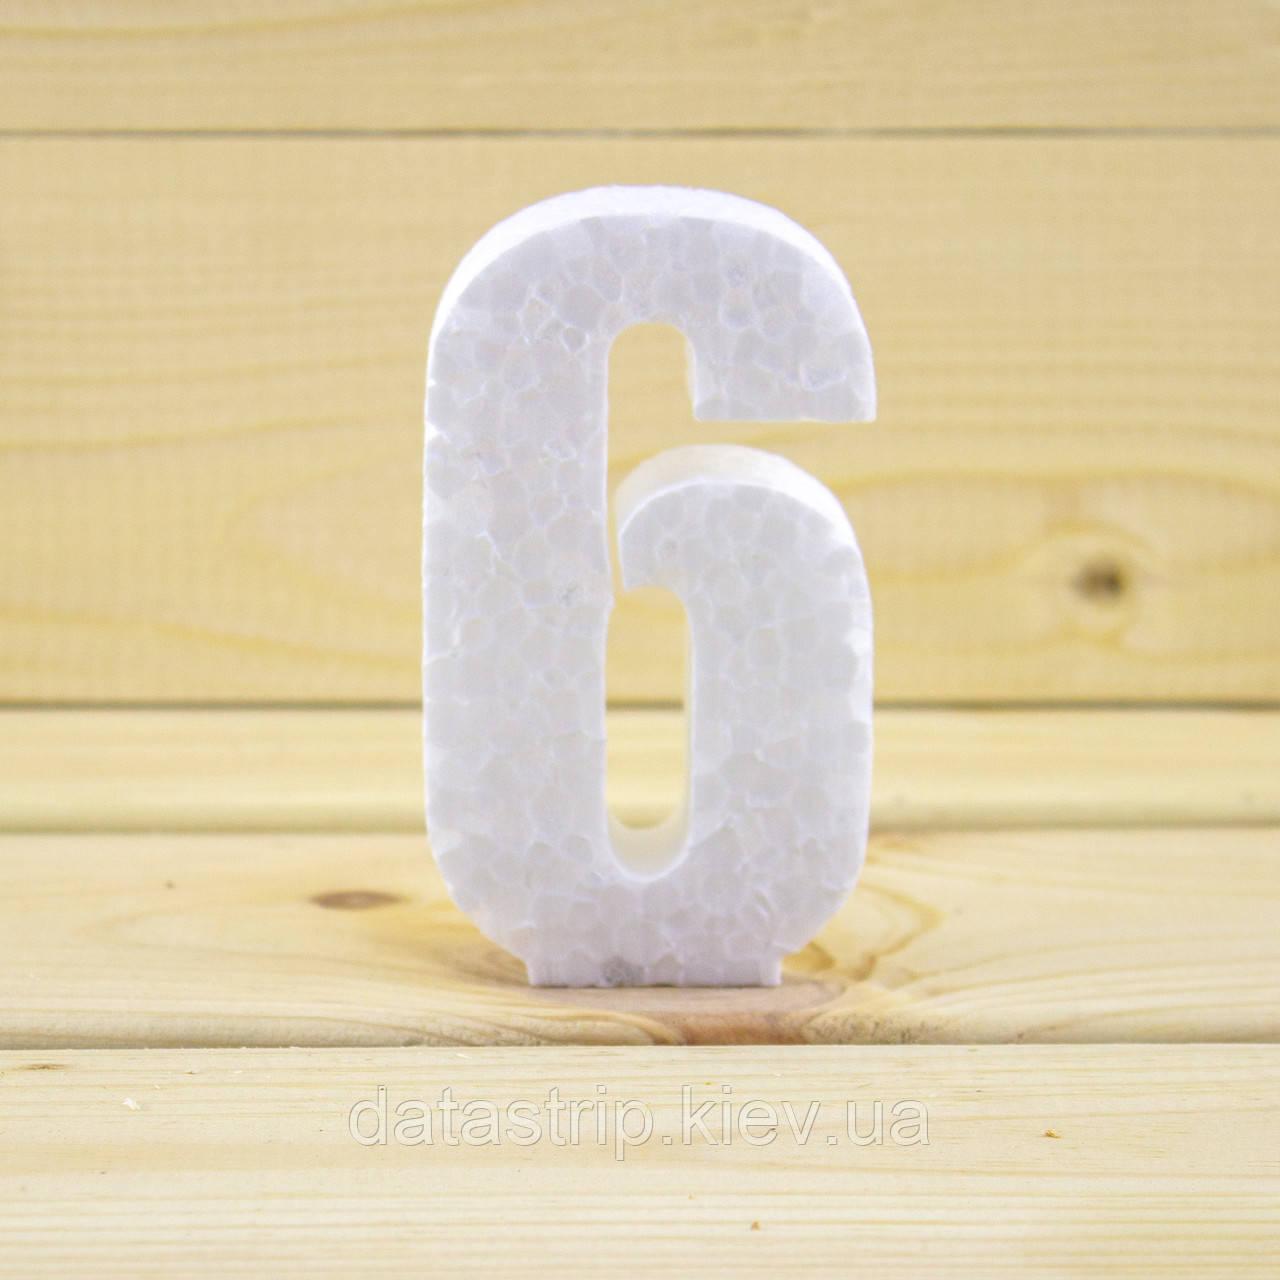 Цифра 6 из пенопласта, толщина 10 см